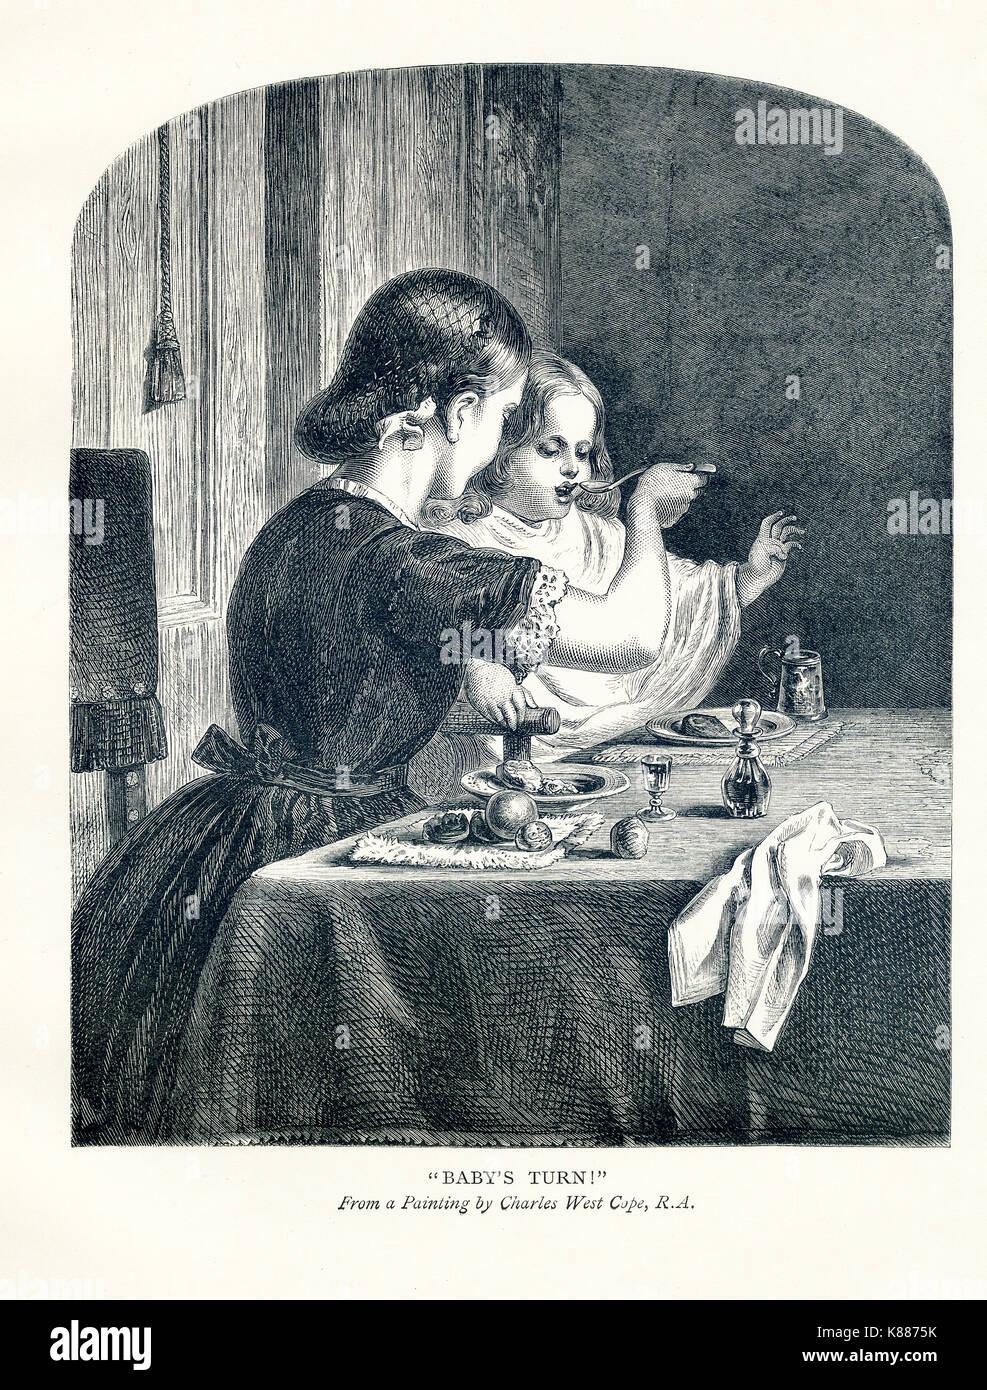 Cette gravure sur bois accompagnée d'un livre de 1881 sur les peintres britanniques. Le titre est 'tour du bébé, et c'est' par Charles west Cope (1811-1890), un des leaders français de l'époque victorienne peintre de scènes de genre et d'histoire. Photo Stock